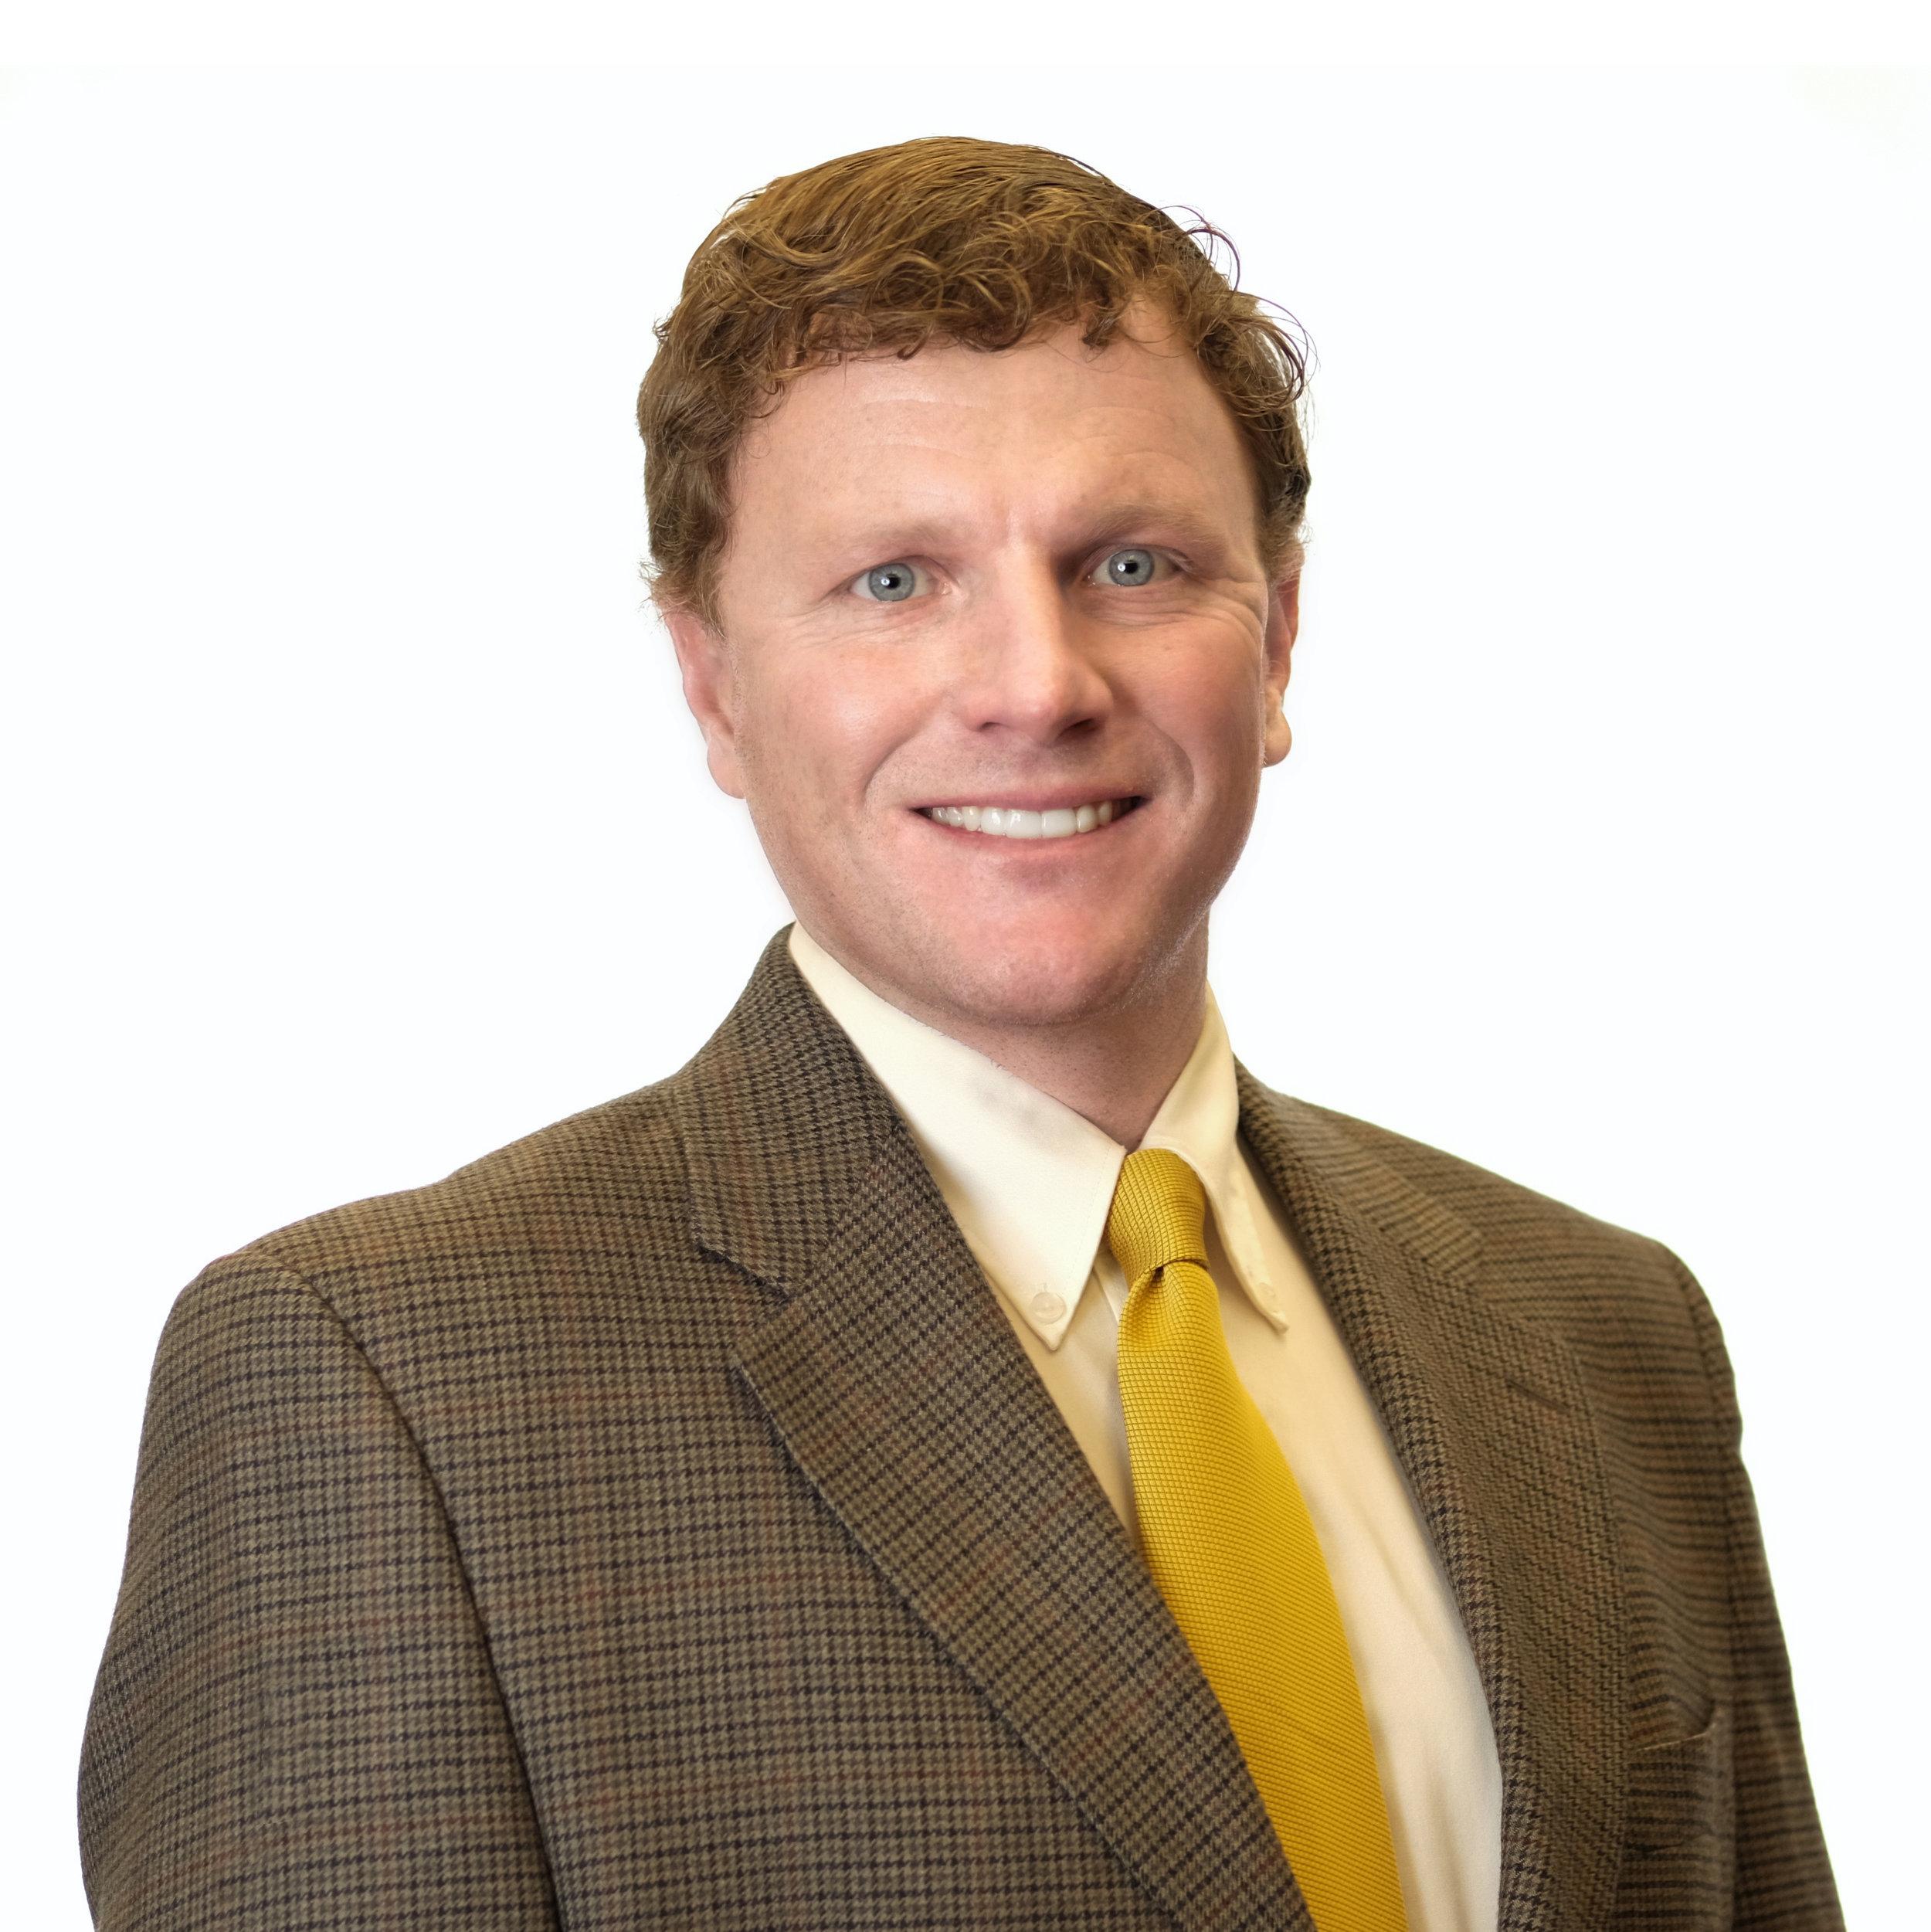 Chris Broglio - Senior Project Managercbroglio@burwil.com423-612-8200